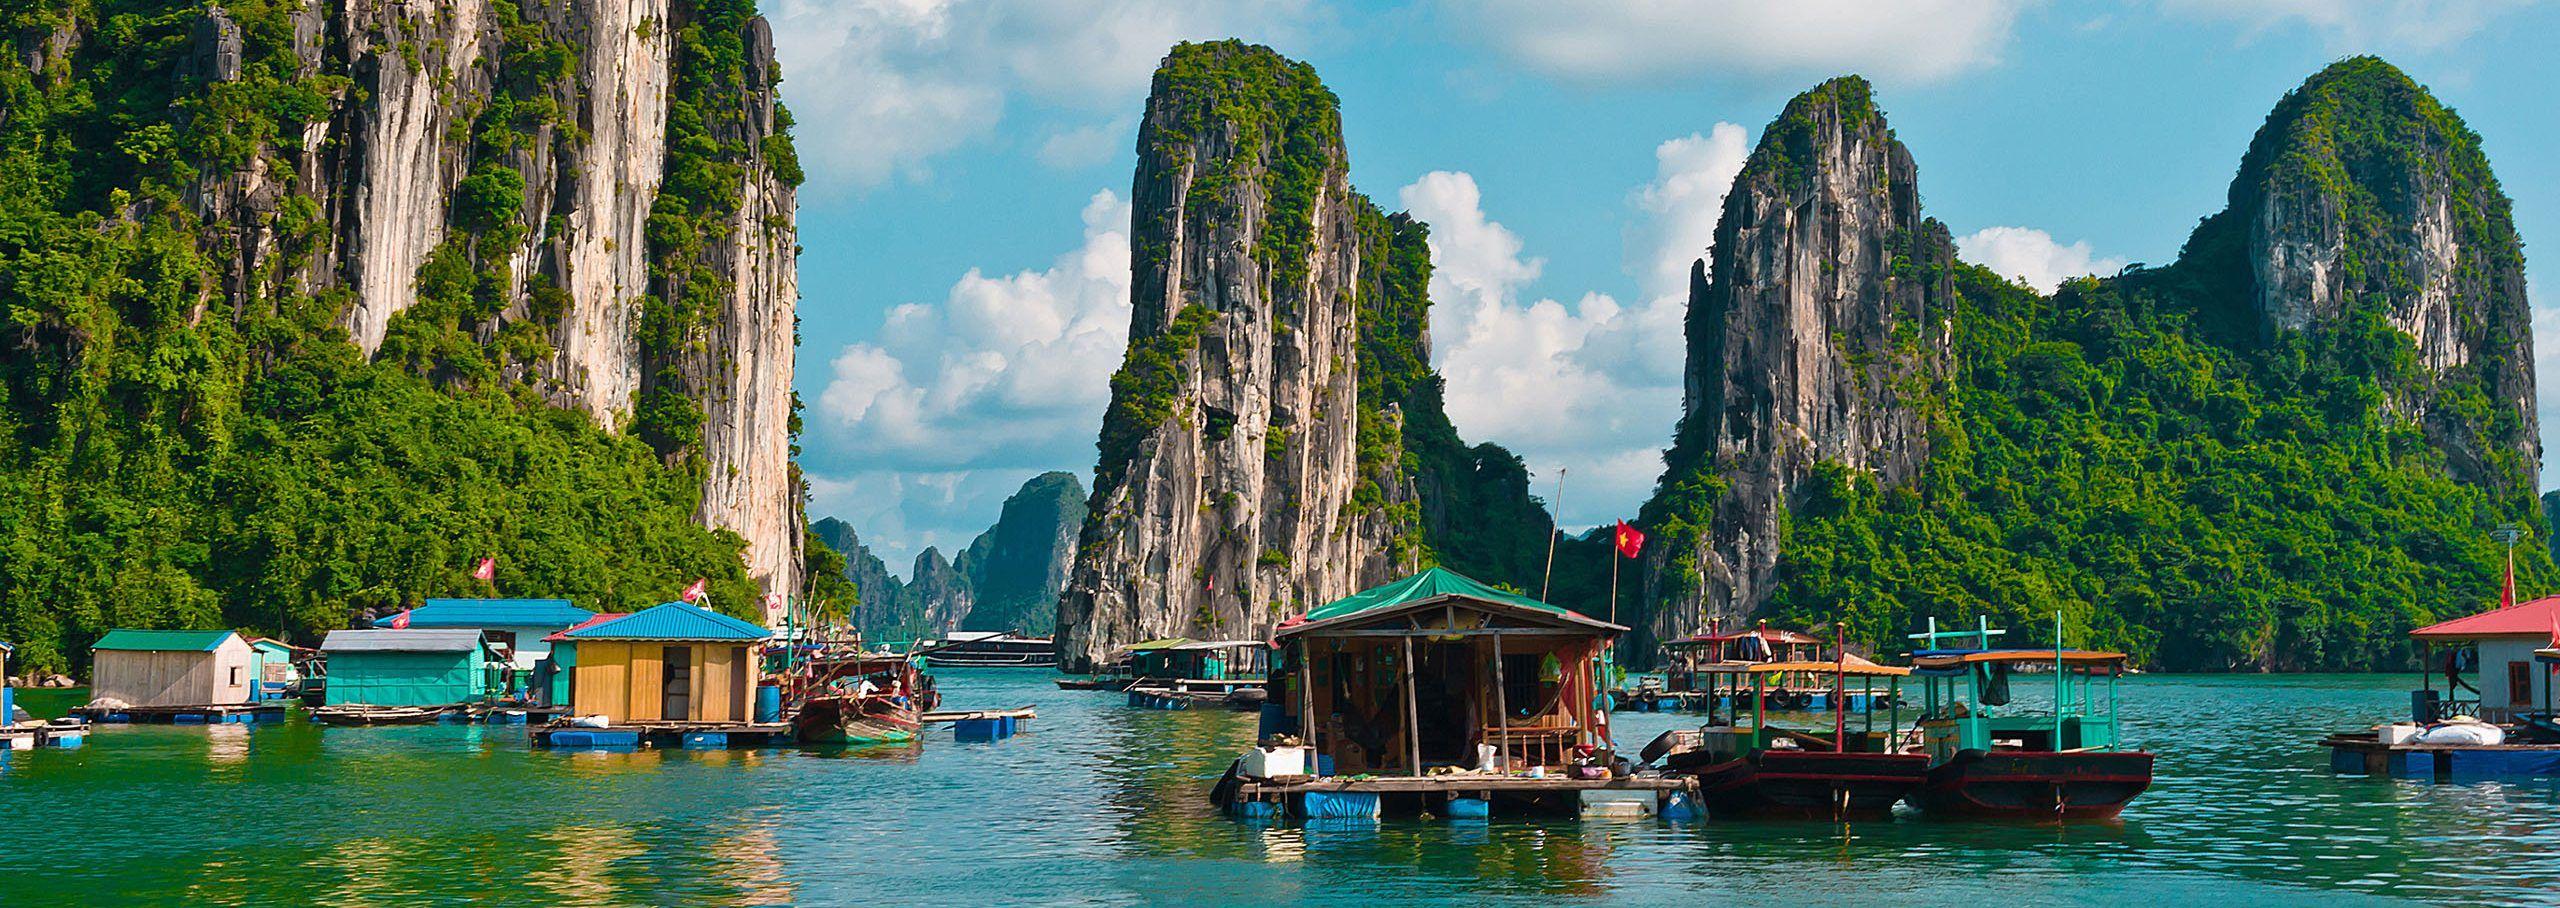 Circuit Charme du Vietnam 20 jours | Circuit panorama du Vietnam 20 jours | Agence de voyage local francophone au V… | Vietnam voyage, Voyage asie, Agence de voyage